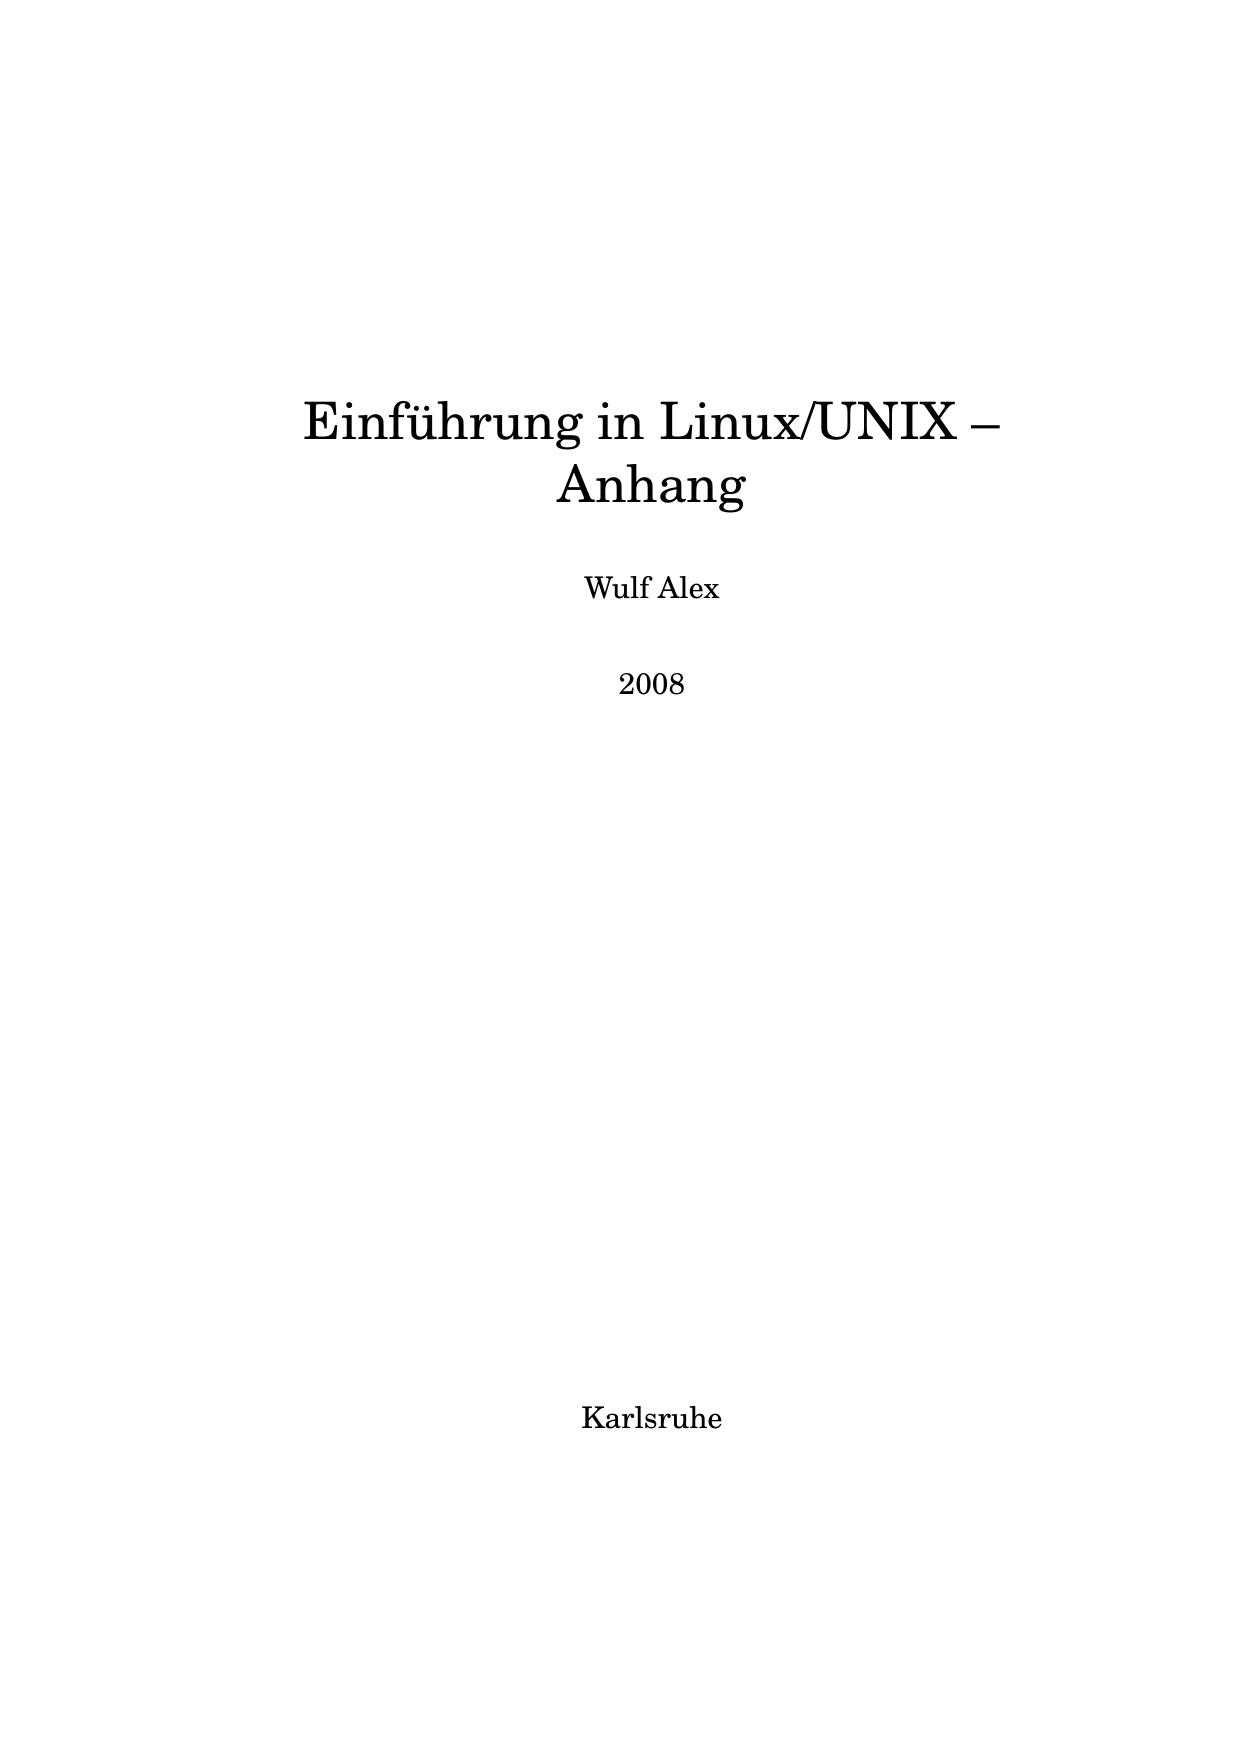 Einführung in Linux/UNIX – Anhang